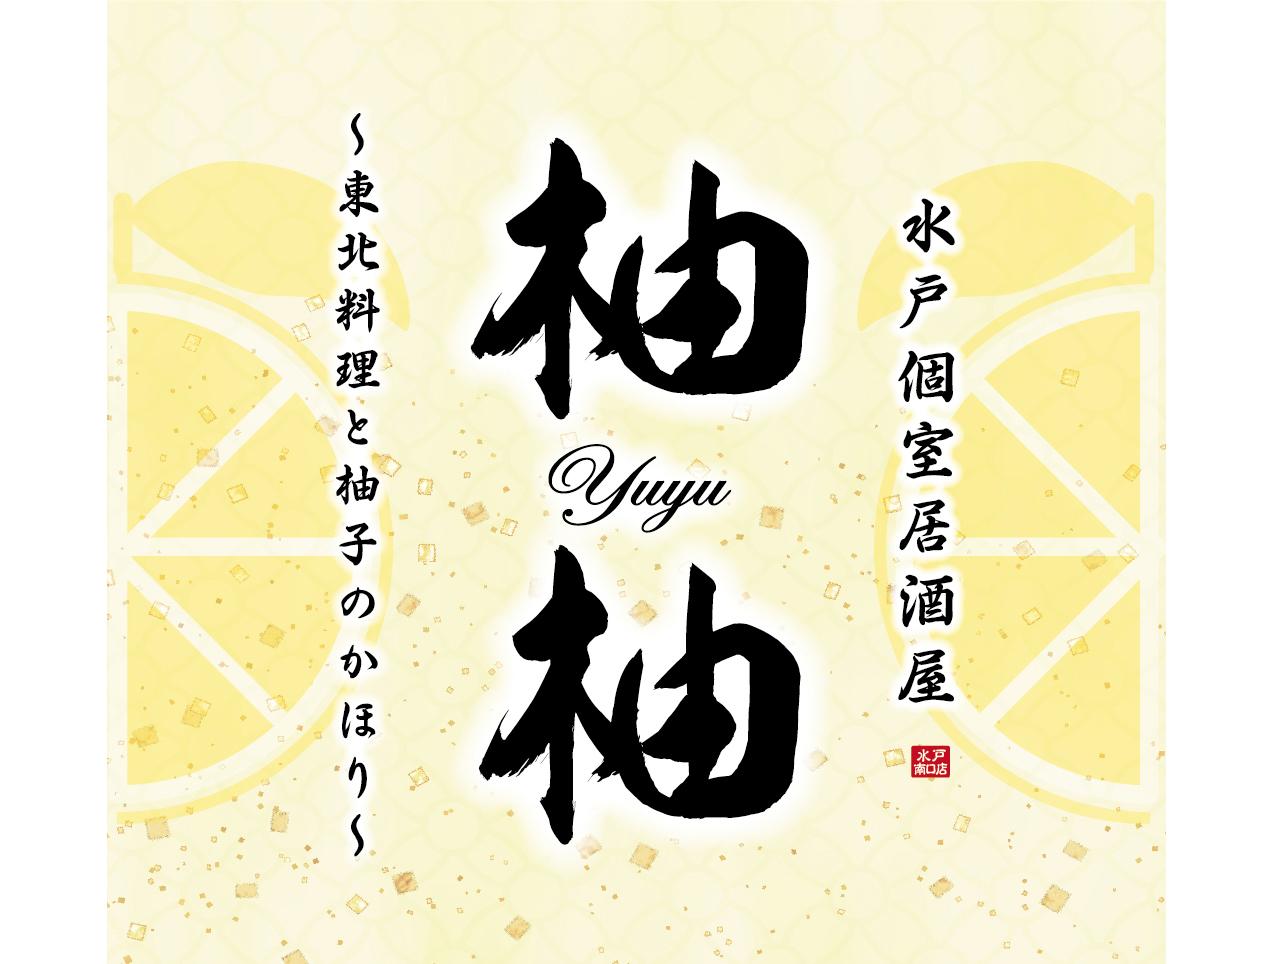 柚柚-yuyu- 盛岡大通り店